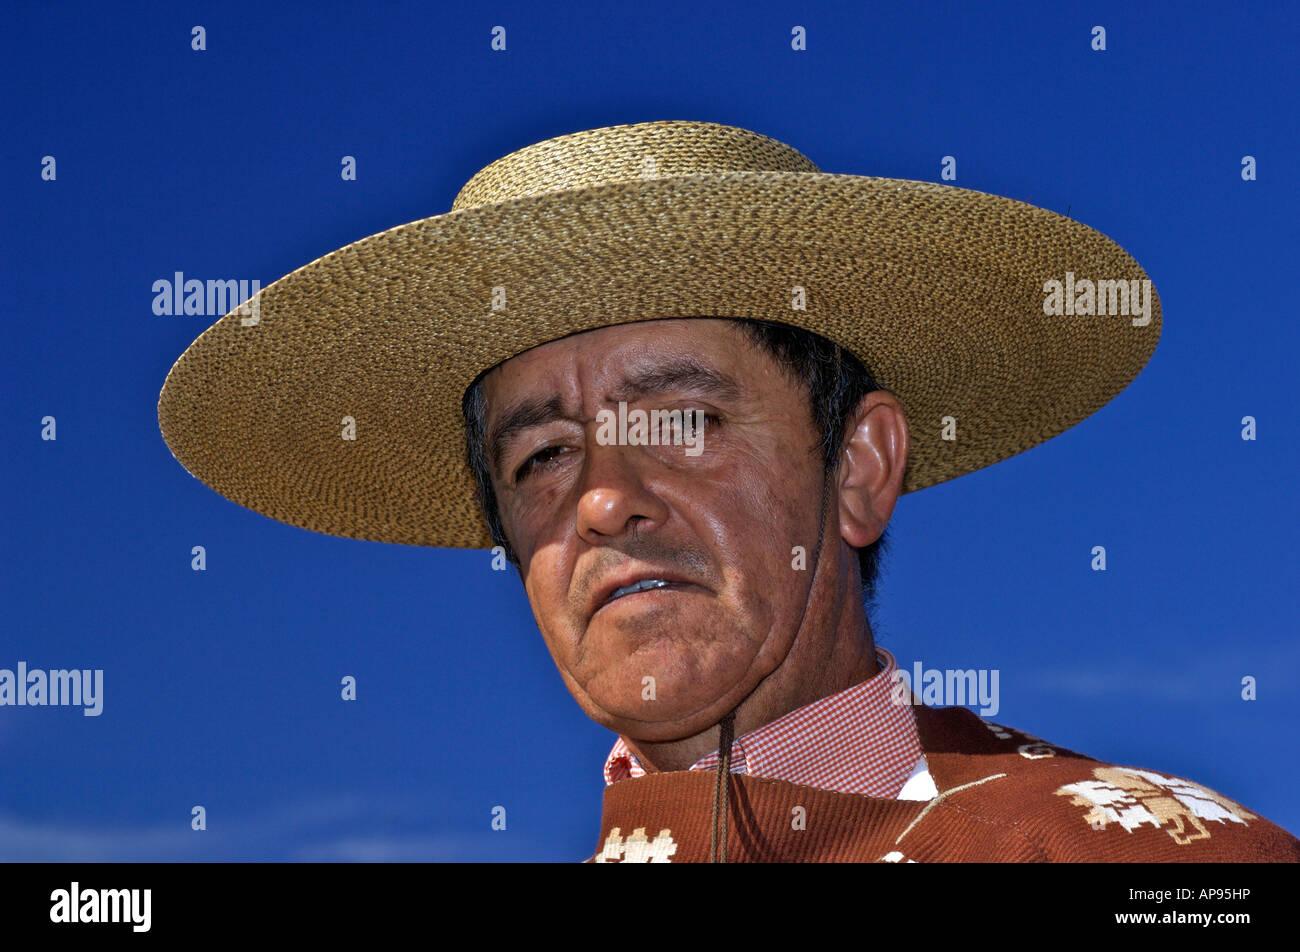 Huaso wearing traditional chupalla straw hat Chile Rapel - Stock Image